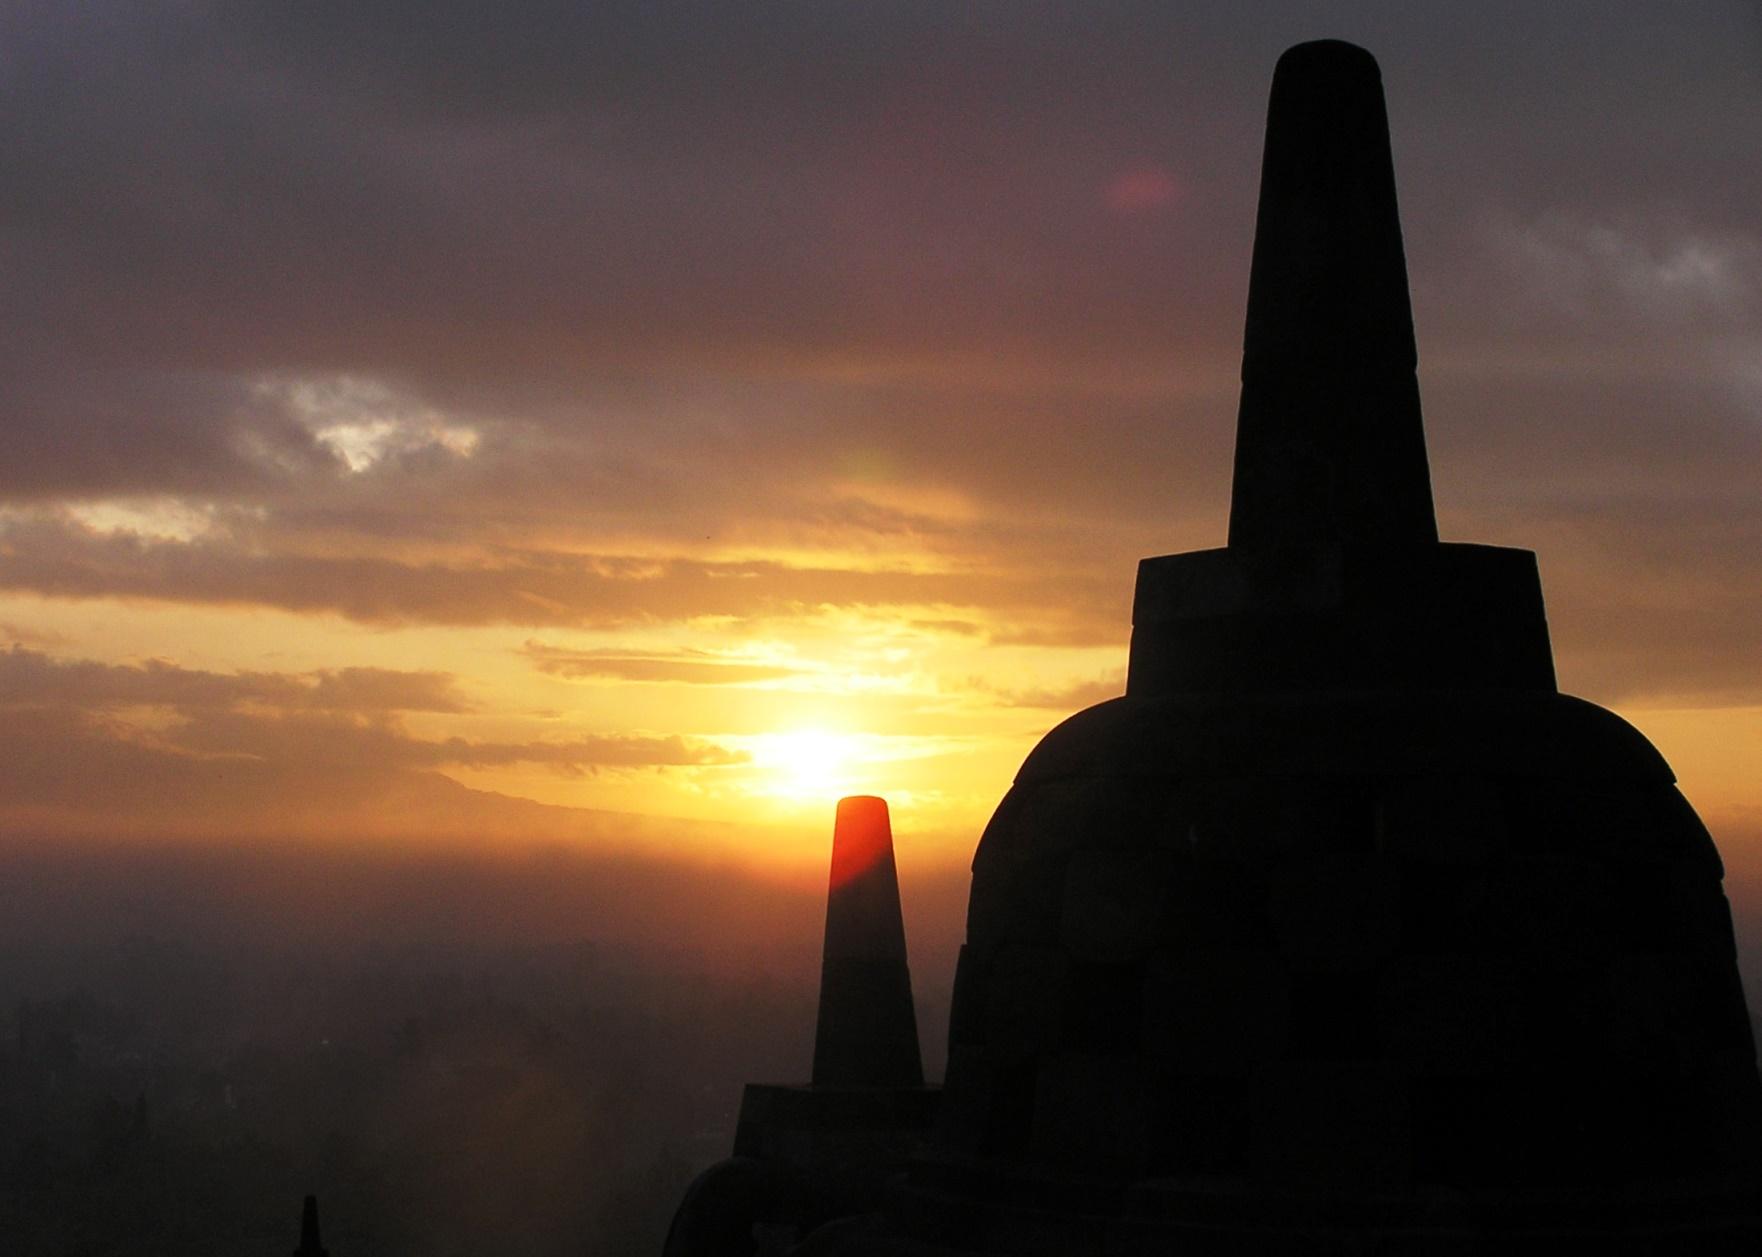 ボロブドゥール遺跡から望む朝日(6日目)